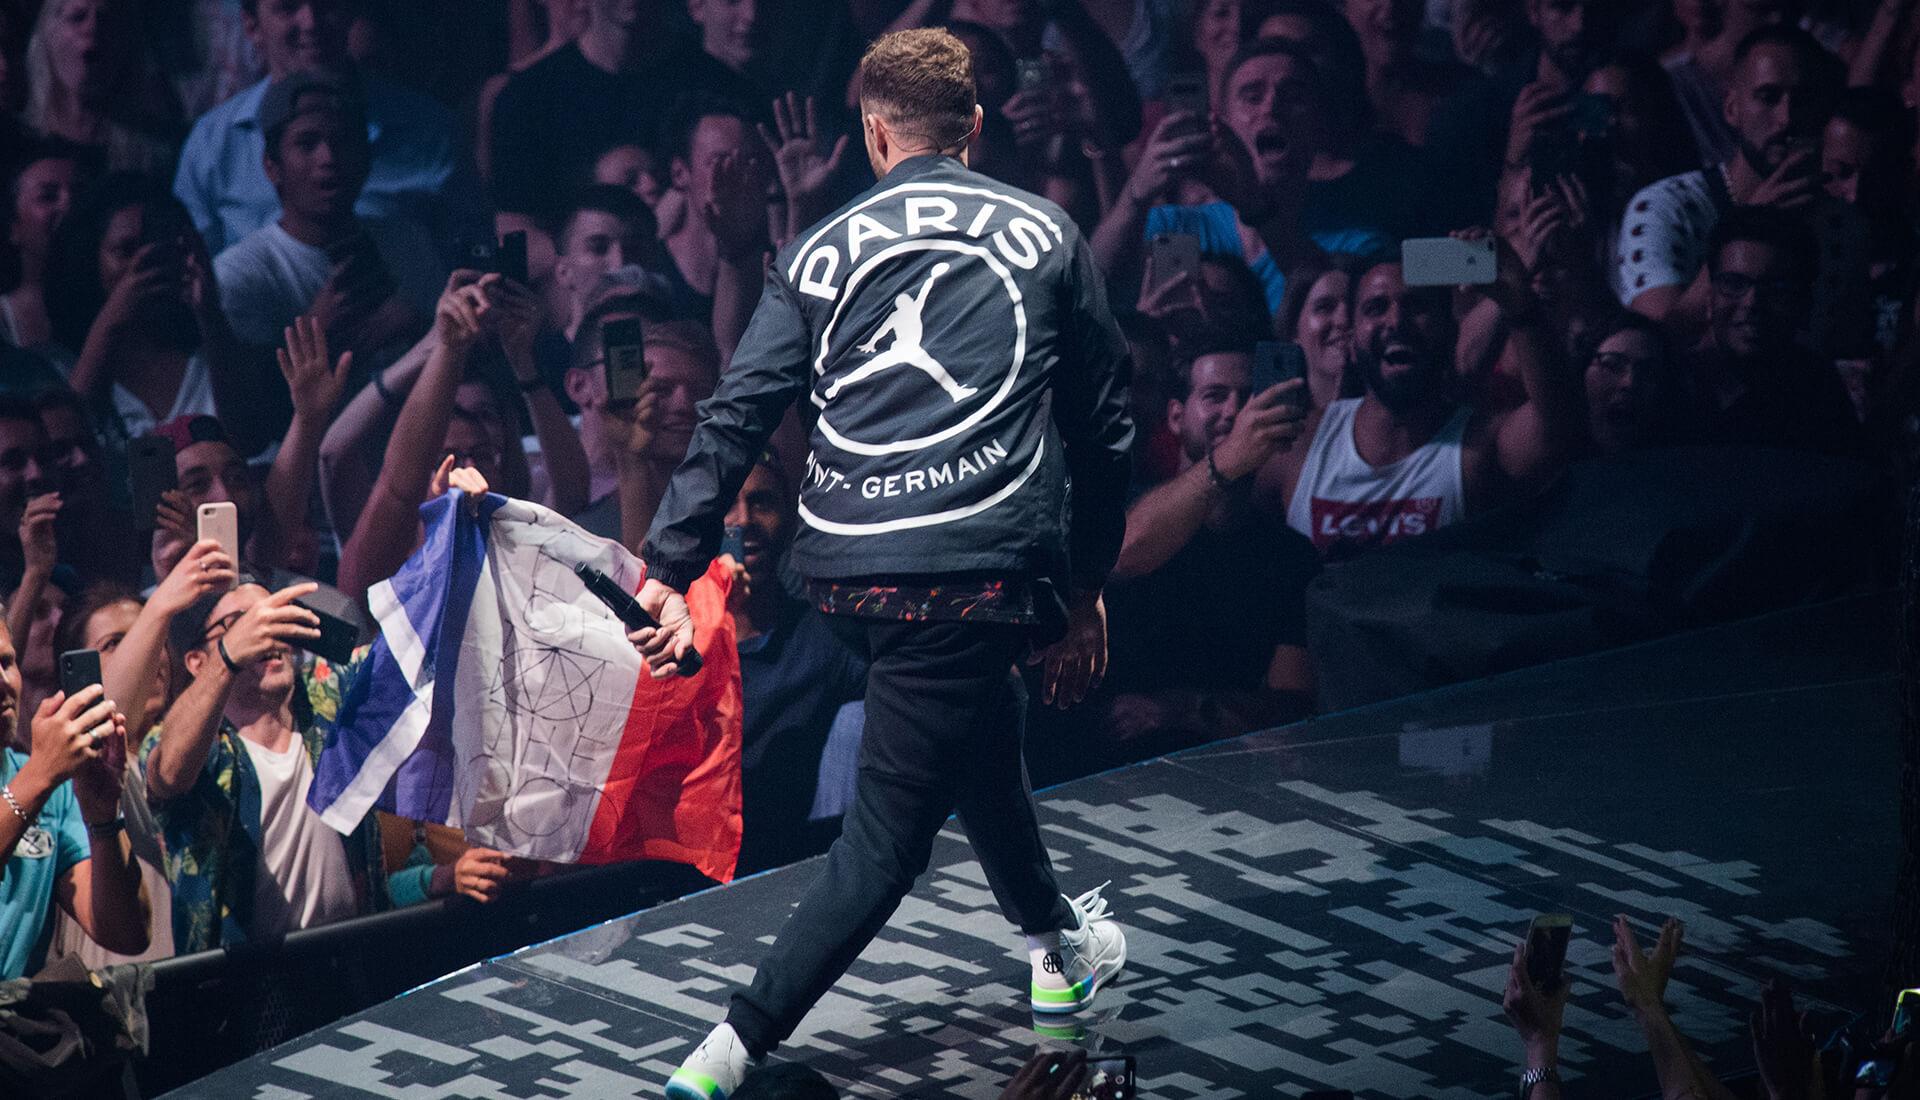 timeless design b4b6e 0477e Justin Timberlake Wears PSG x Jordan Jacket at Paris Gig ...